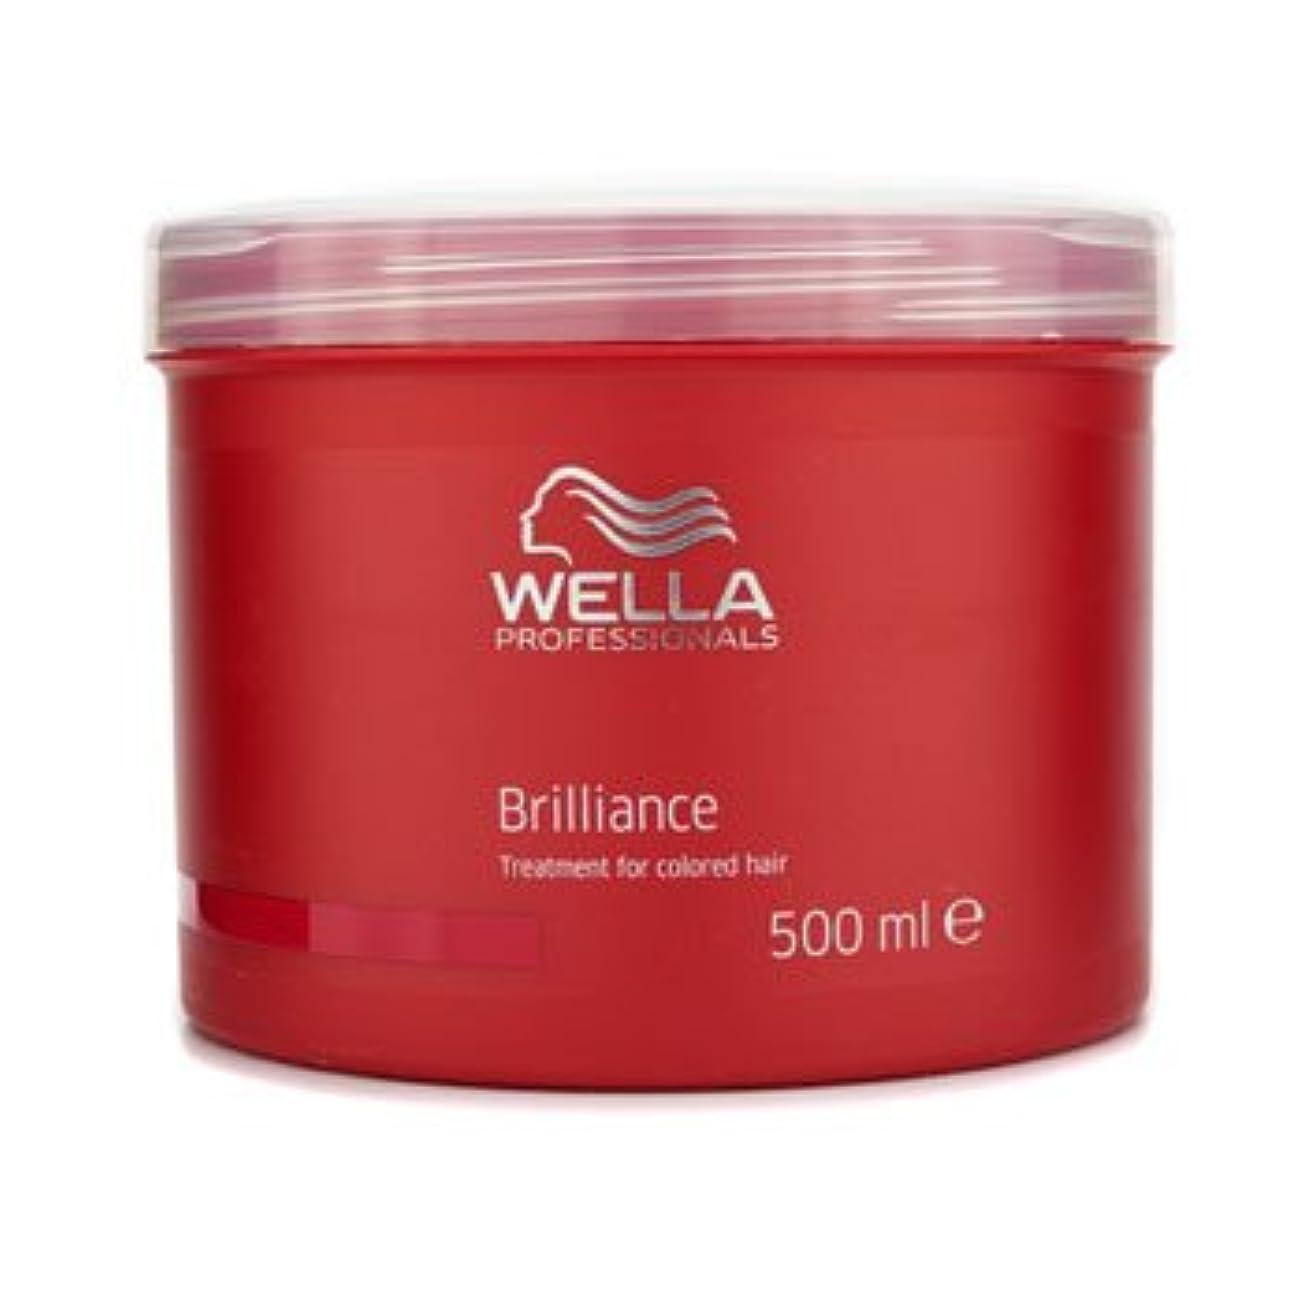 権限嬉しいです溢れんばかりの[ウエラ] ブリリアンス トリートメント (染めた髪用) 500ml/17oz